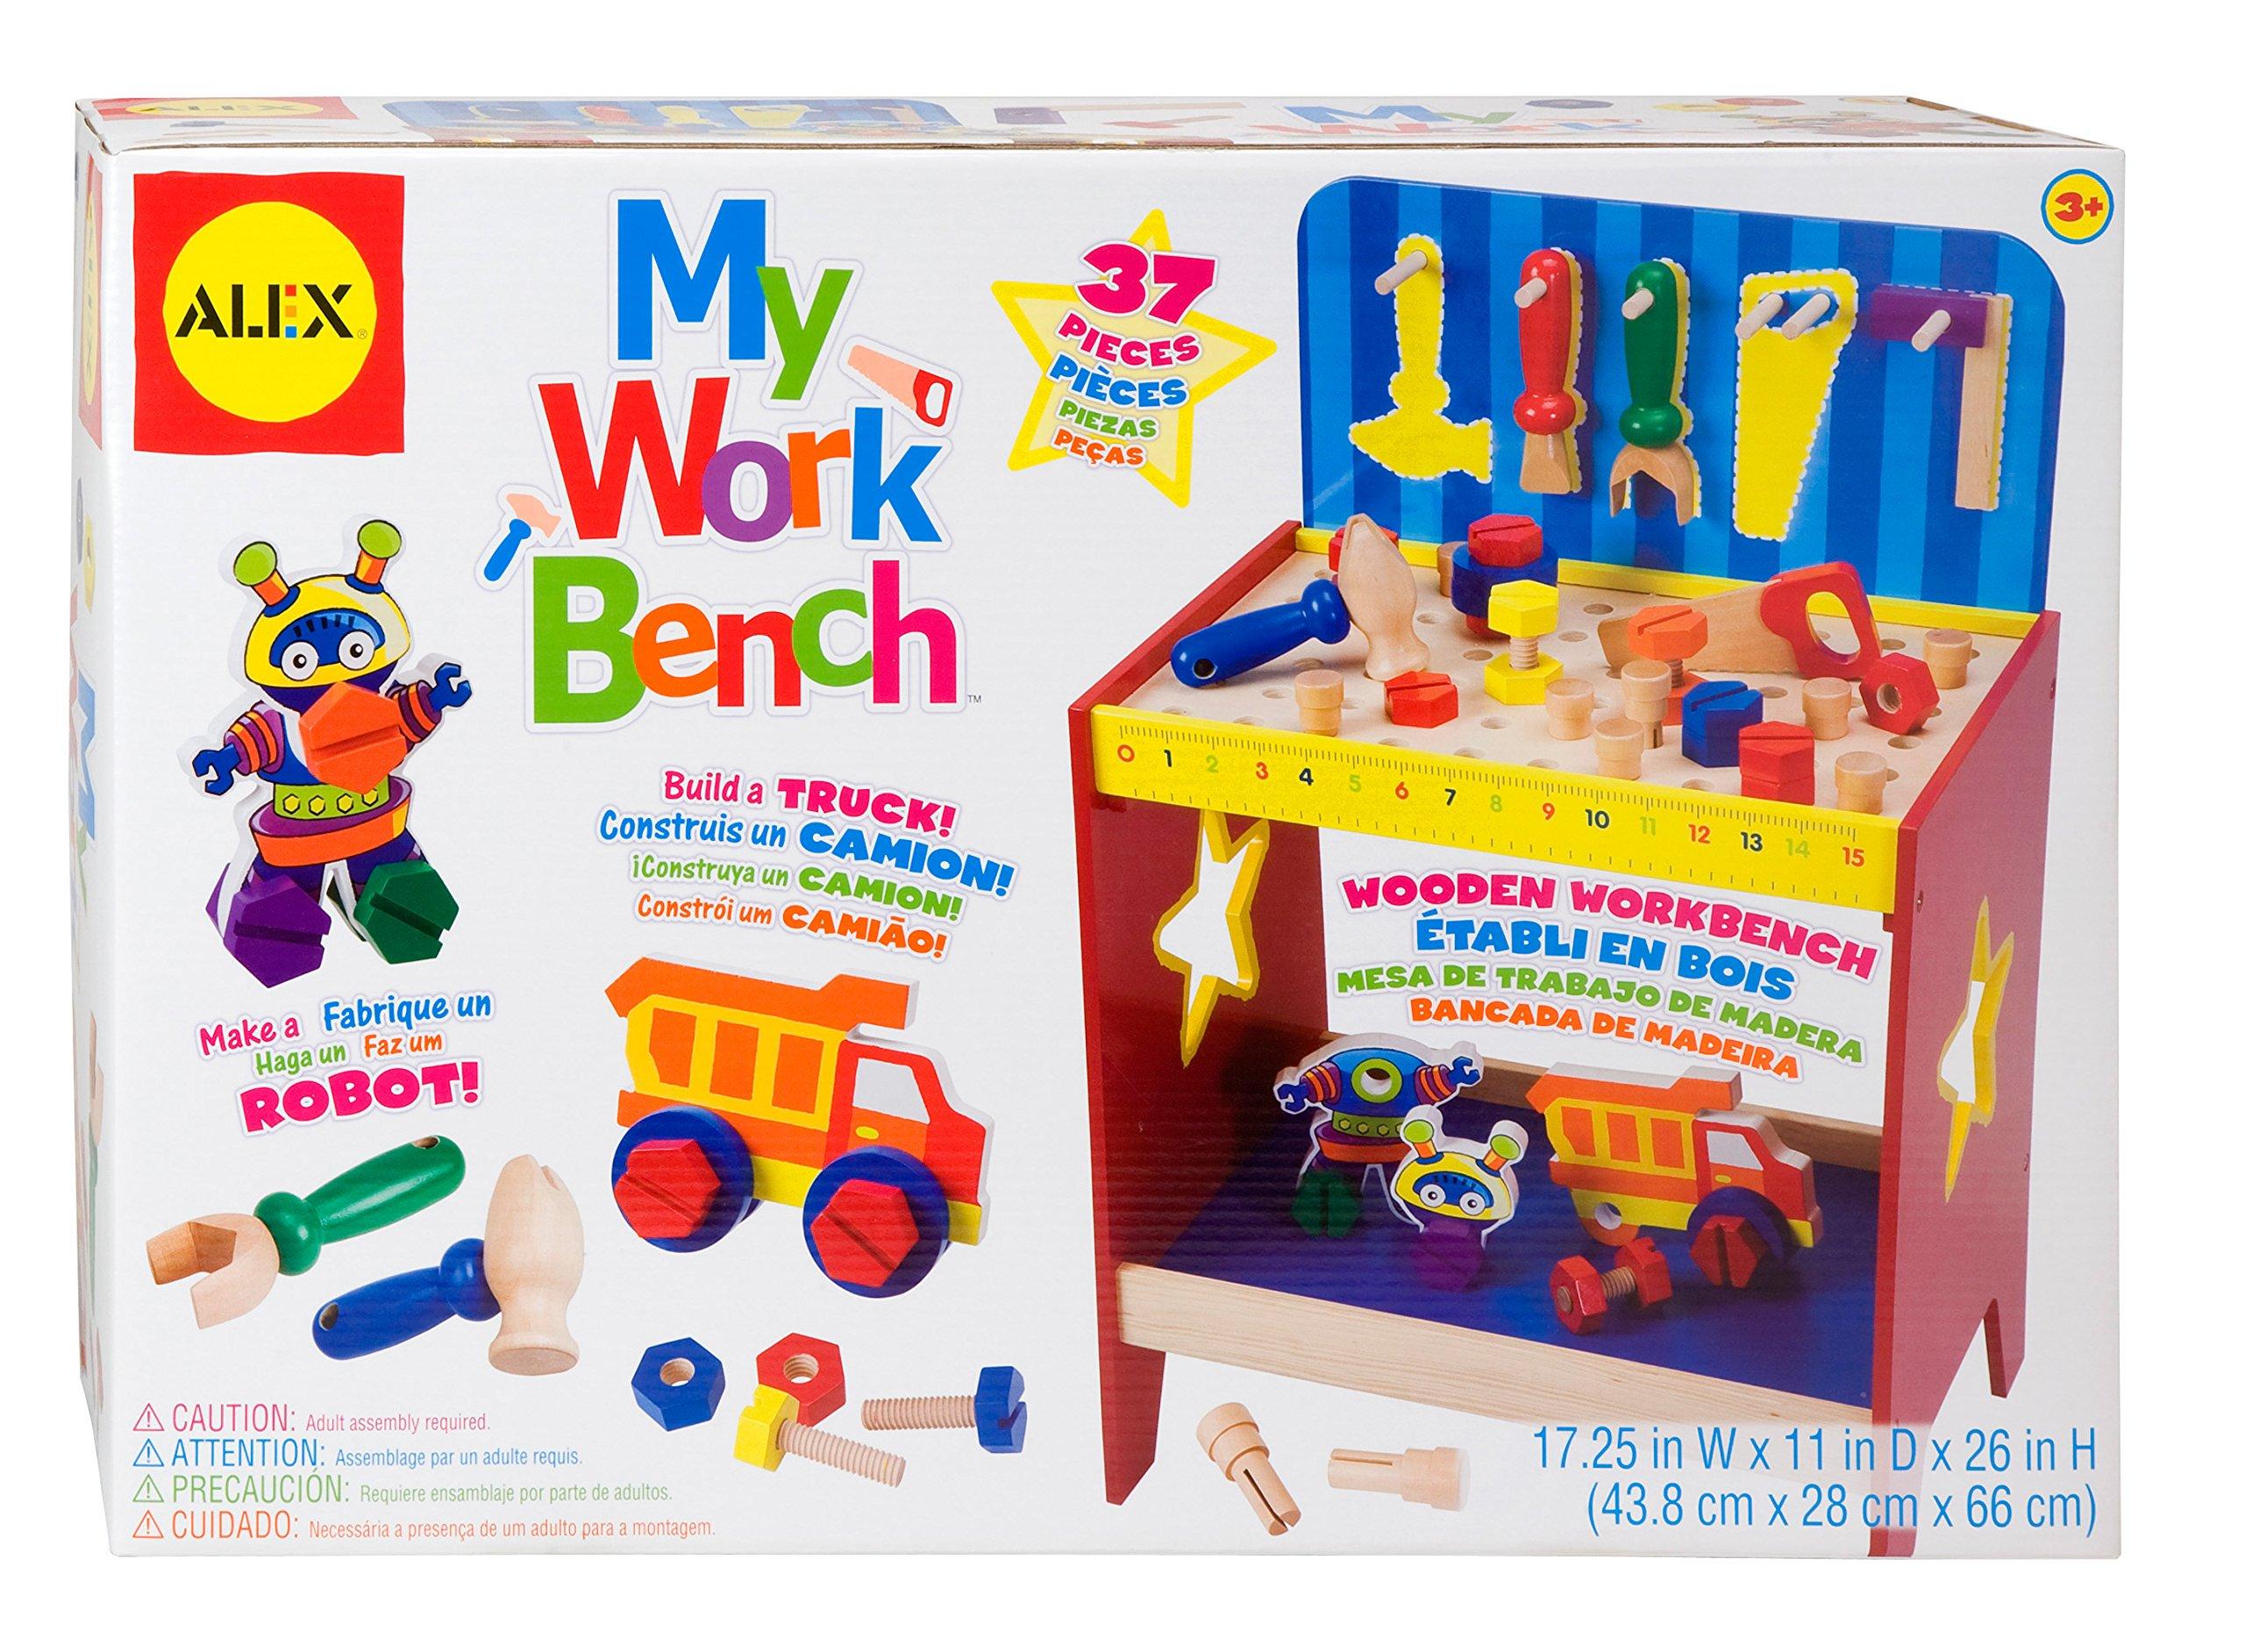 ALEX Toys My Work Bench Activity Center